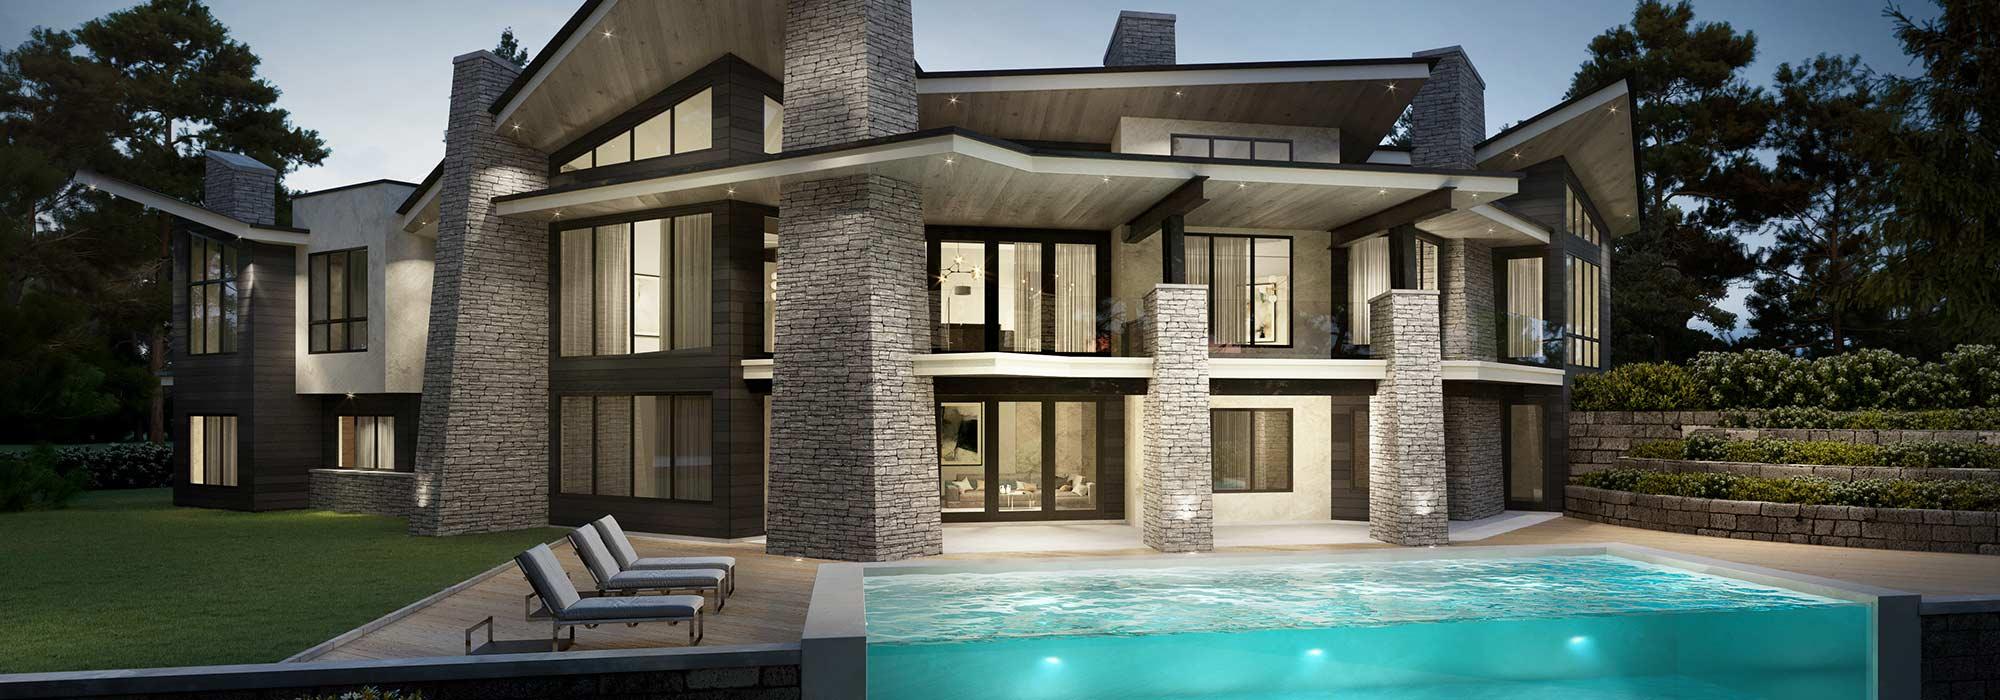 Contemporary three story home designed by Signature Custom Homes